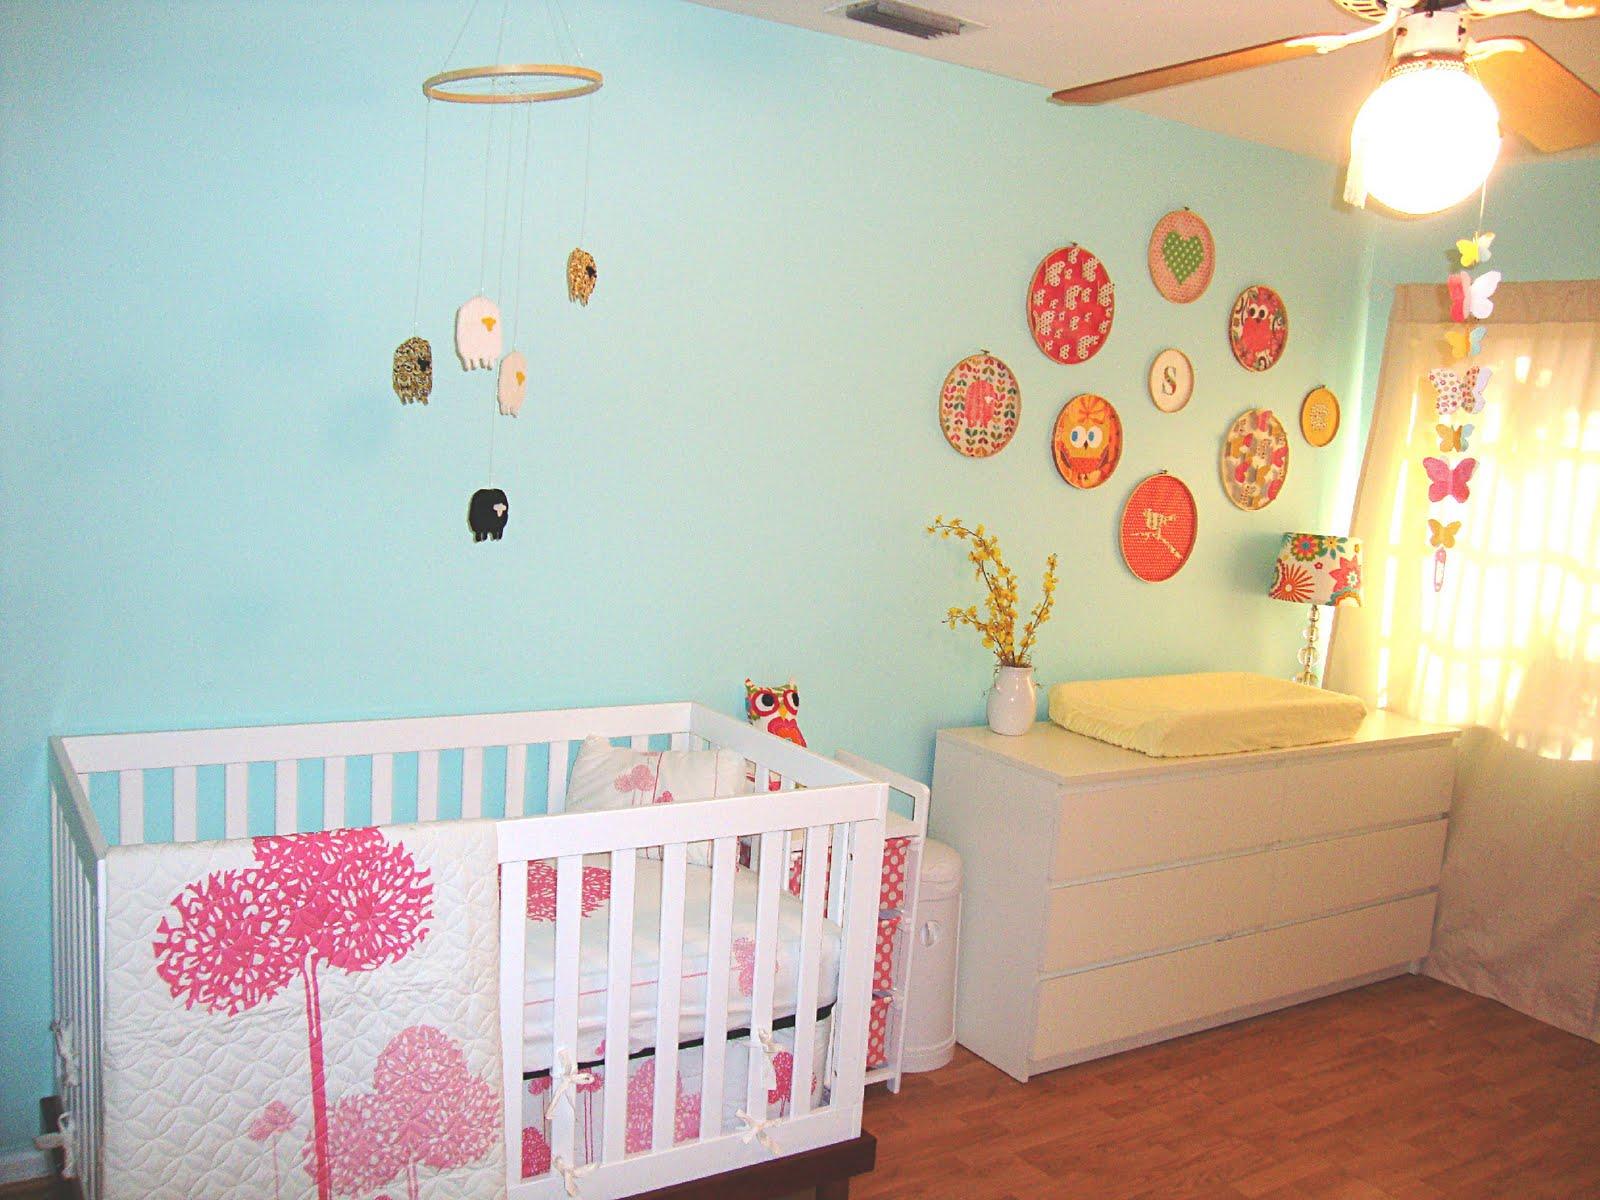 design rooms baby | المرسال